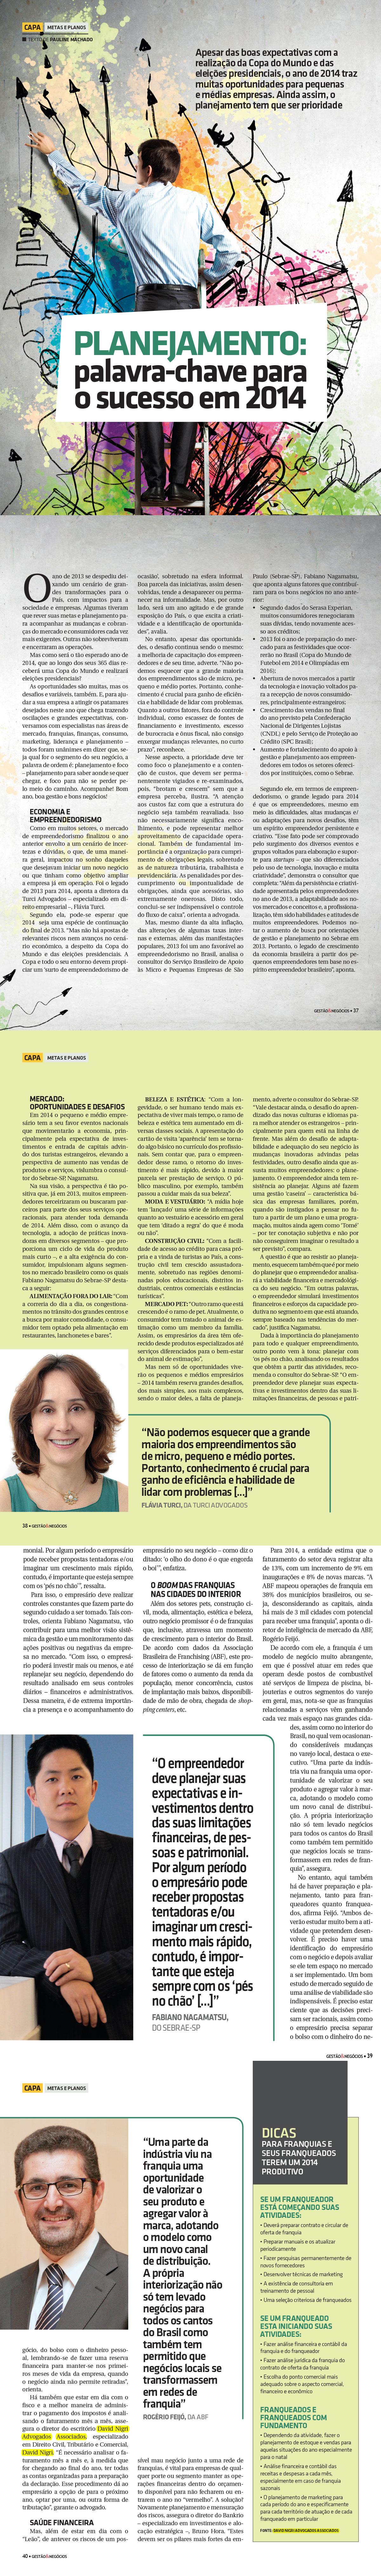 capa_na_revista_gestao_de_negocio-1